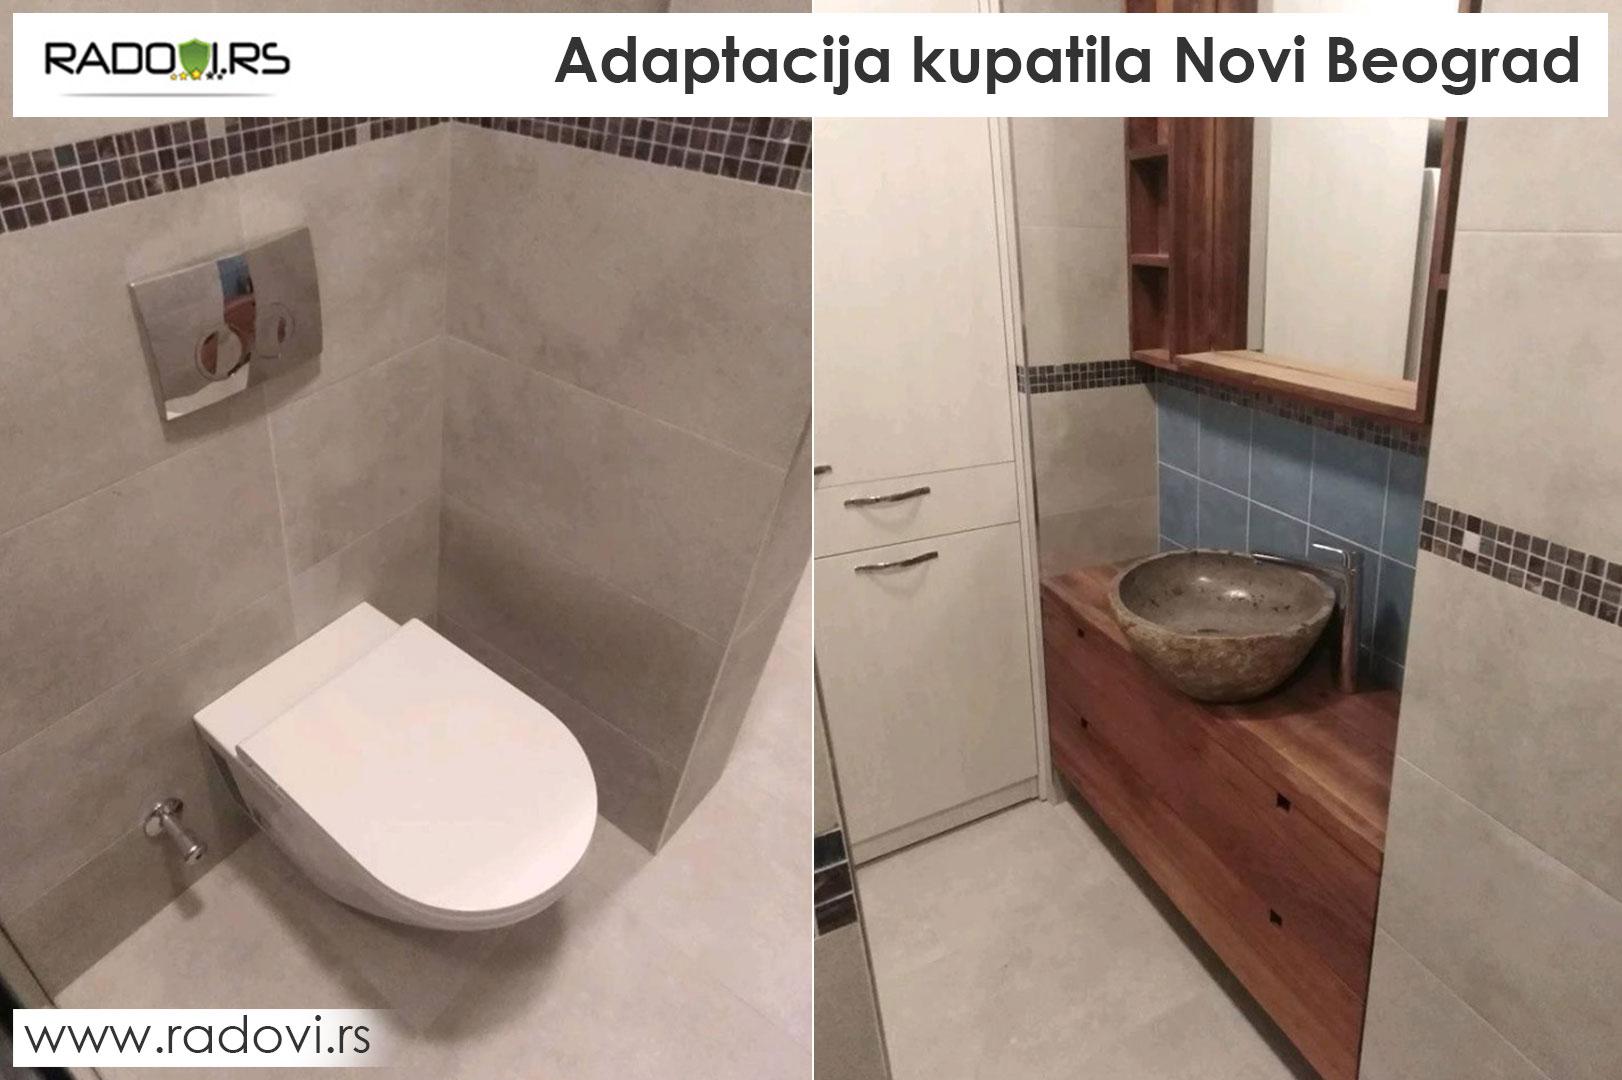 Adaptacija kupatila Novi Beograd - Radovi.rs